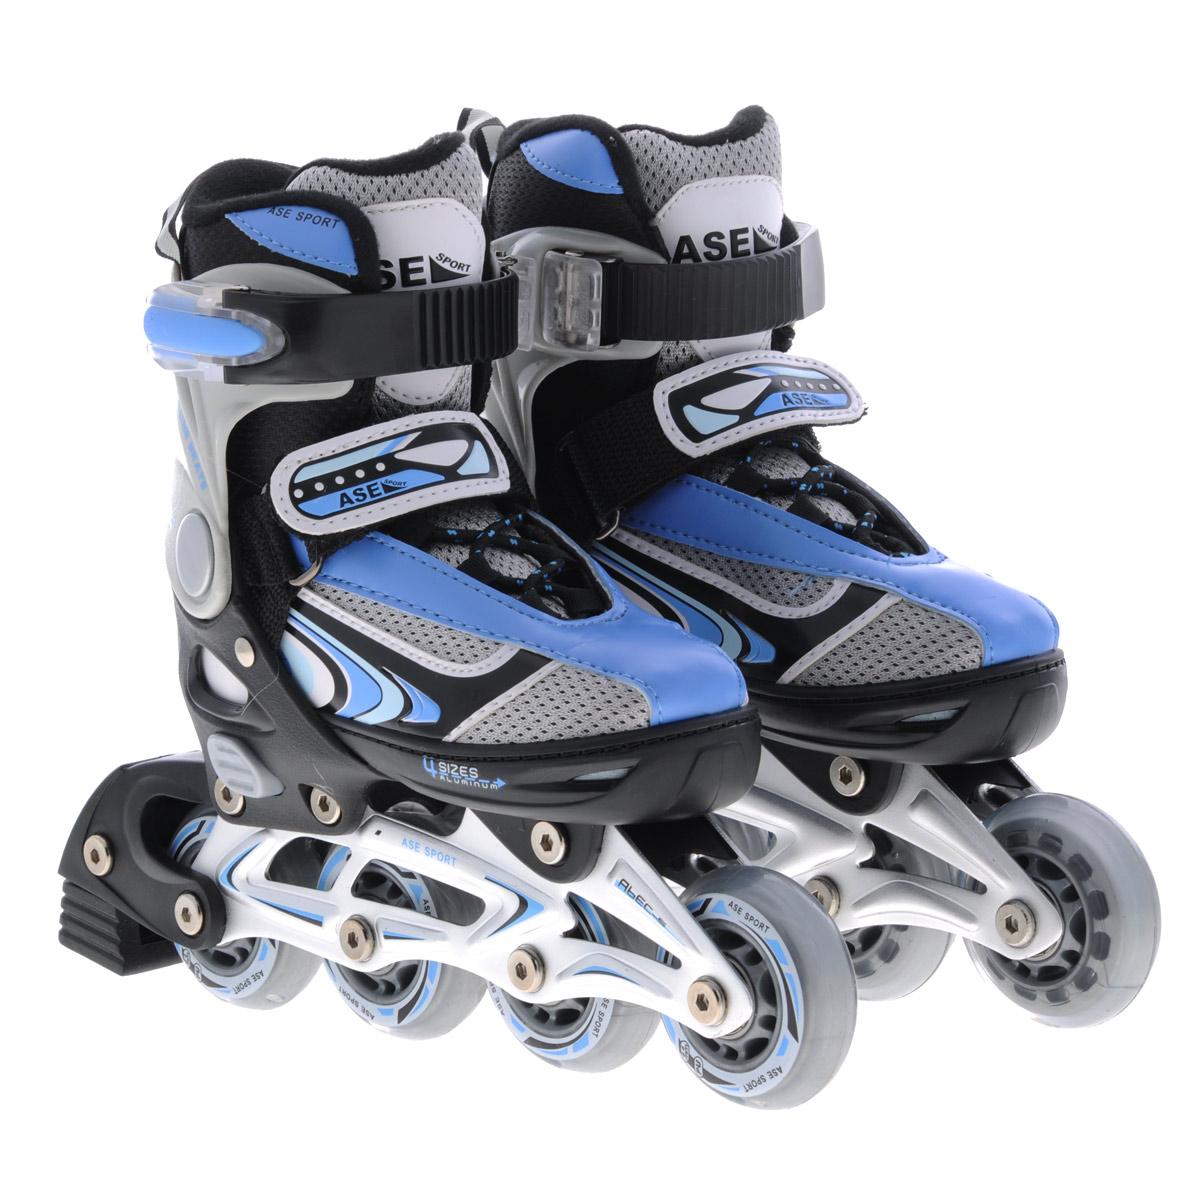 Коньки роликовые Ase-Sport, раздвижные, цвет: черный, синий. ASE-626В. Размер S (33/36)ASE-626B-1Верх сапожка изготовлен из современного синтетического материала, стойкого к внешним воздействиям. Внутри сапожка отделка сделана из мягкого синтетического материала с мягкой подкладкой в боковых частях для более удобной и надежной фиксации ноги во время катания. Застежка типа AUTO LOCK удобно регулируется на нужный размер. Система изменения размера корпуса (кнопка) проста в использовании, позволяет быстро и комфортно подогнать сапожок под ногу. Корпус коньков изготовлен из прочного пластика, стойкого к механическим нагрузкам и внешним воздействиям окружающей среды. Ударопрочная пластиковая силовая манжета. Алюминиевая рама дает дополнительную прочность и скорость отталкивания во время катания. Стельки сделаны из специального вспененного материала, который удобно повторяет анатомическое строение стопы ноги и дополнительно поглощает вибрацию. Шнуровка коньков: матерчатые петли в сочетании с широким язычком, шнурки из полиэстера с синтетическими волокнами для более прочной фиксации ноги. Ролики комплектуются тормозом, колесами класса жесткости 82А, точность подшипников ABEC-5.